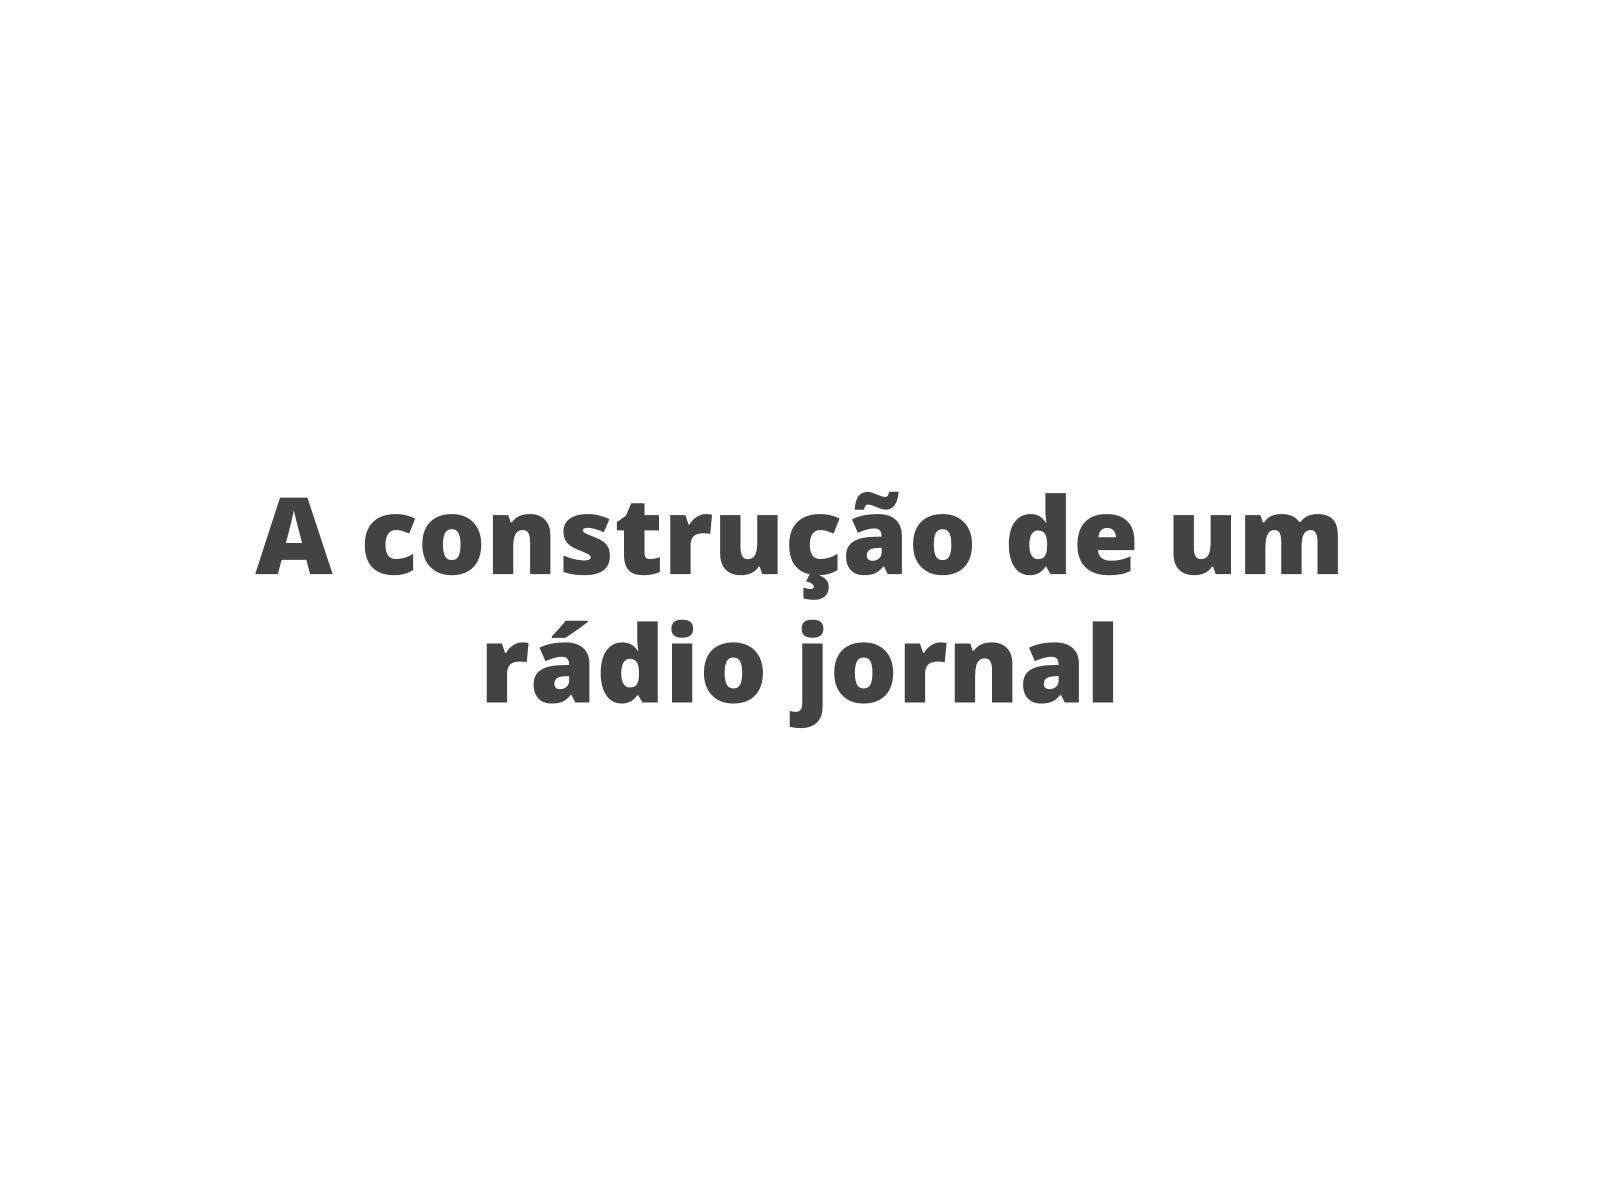 A construção de um rádio jornal